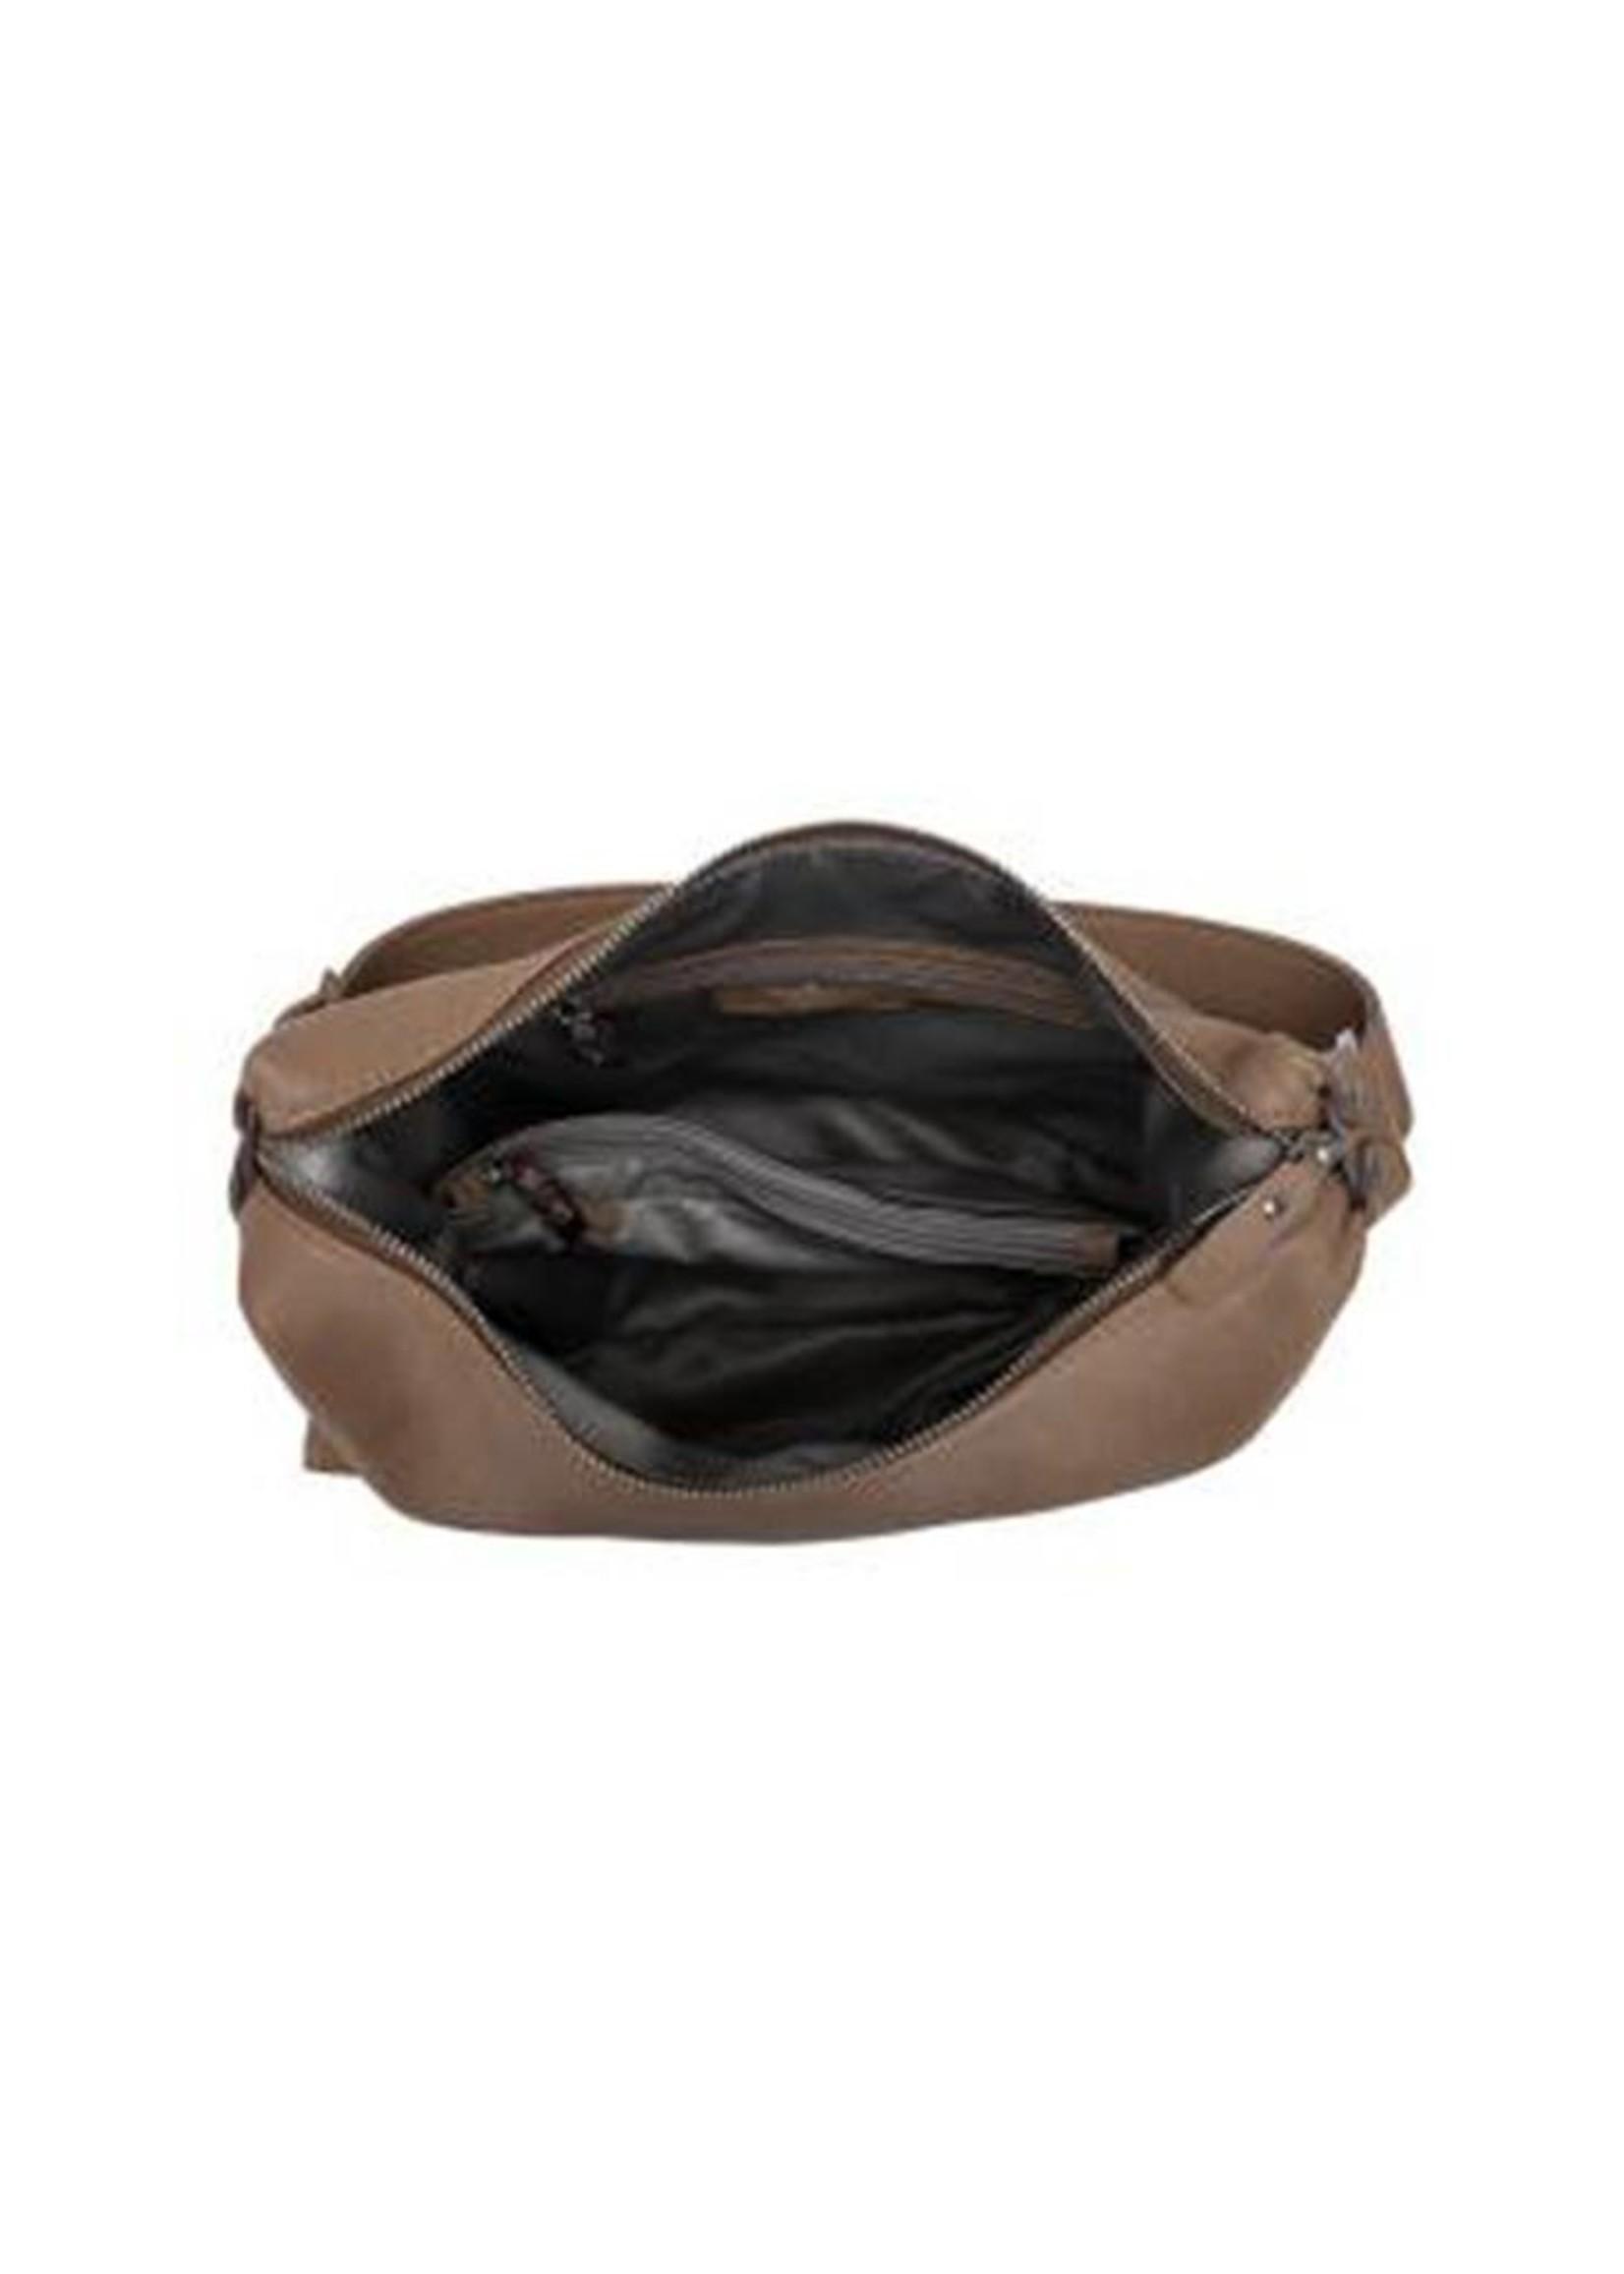 Vera May Ivy Mocca Handbag